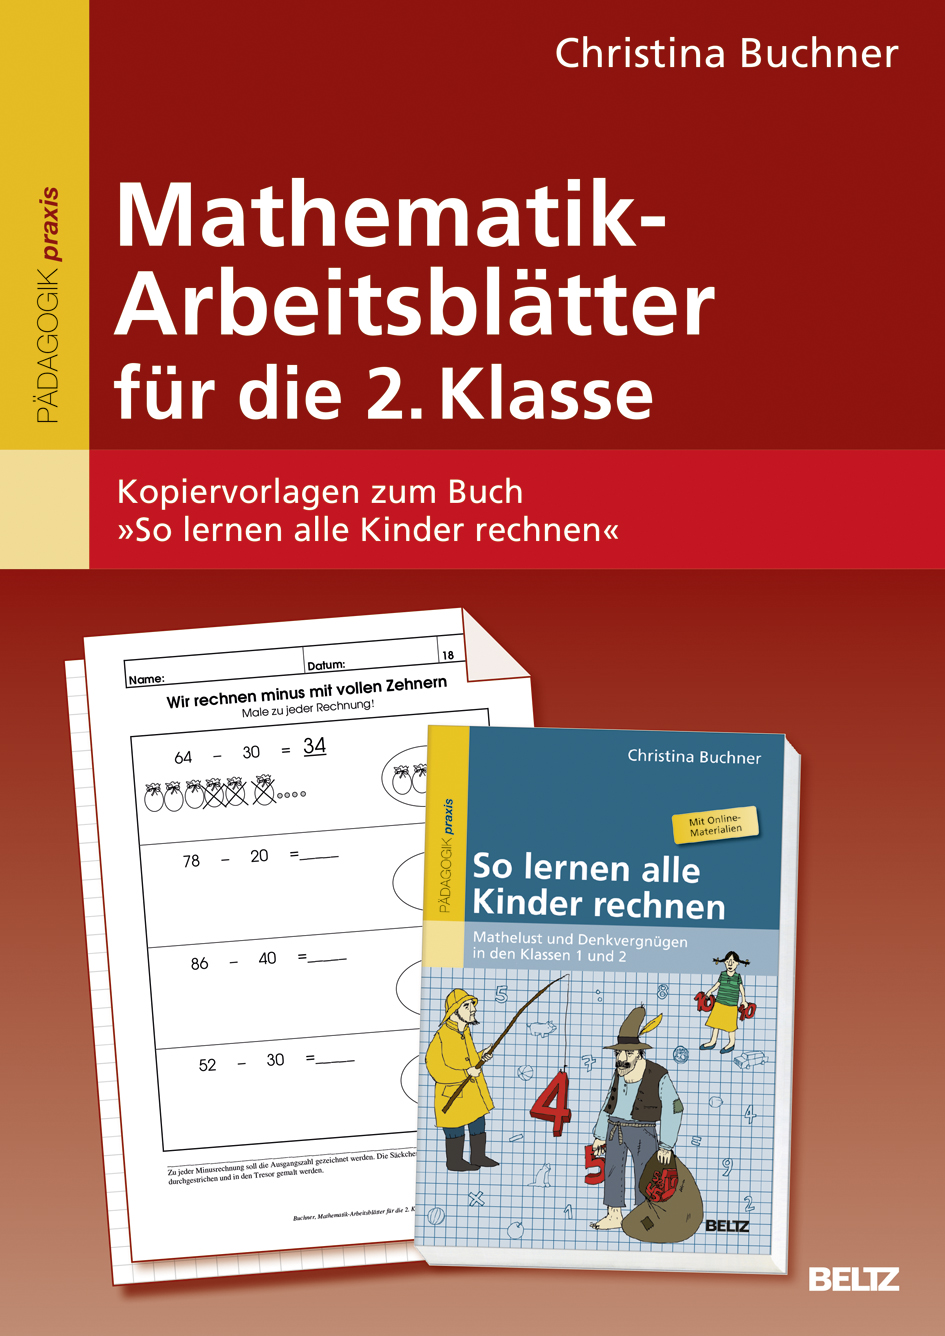 Perfect Mathe Arbeitsblatt Für Die 2Klasse Gift - Mathe Super Lehrer ...